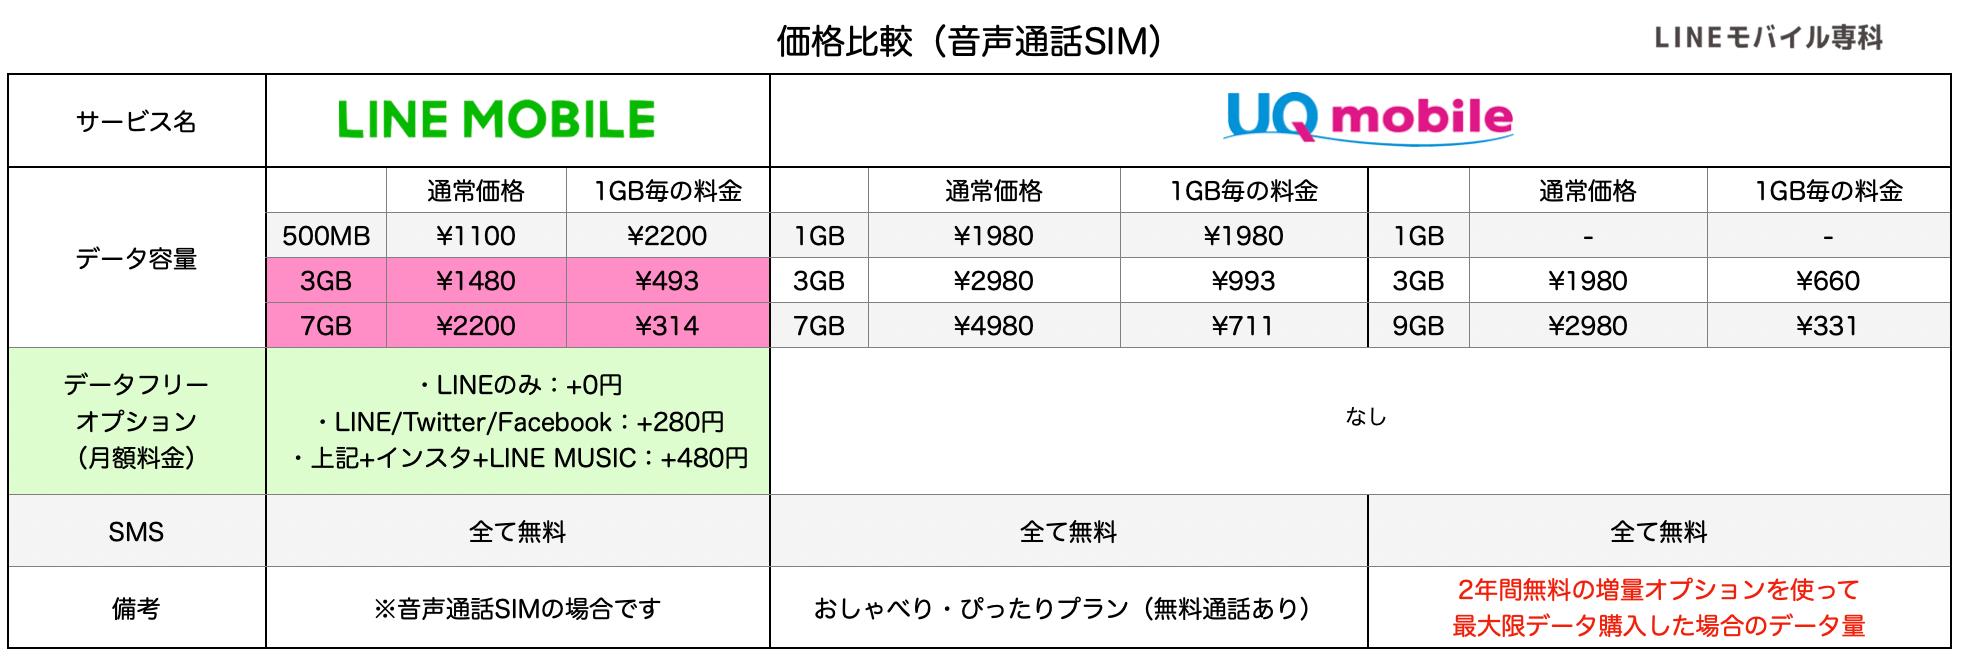 LINEモバイルとUQモバイルのプラン比較